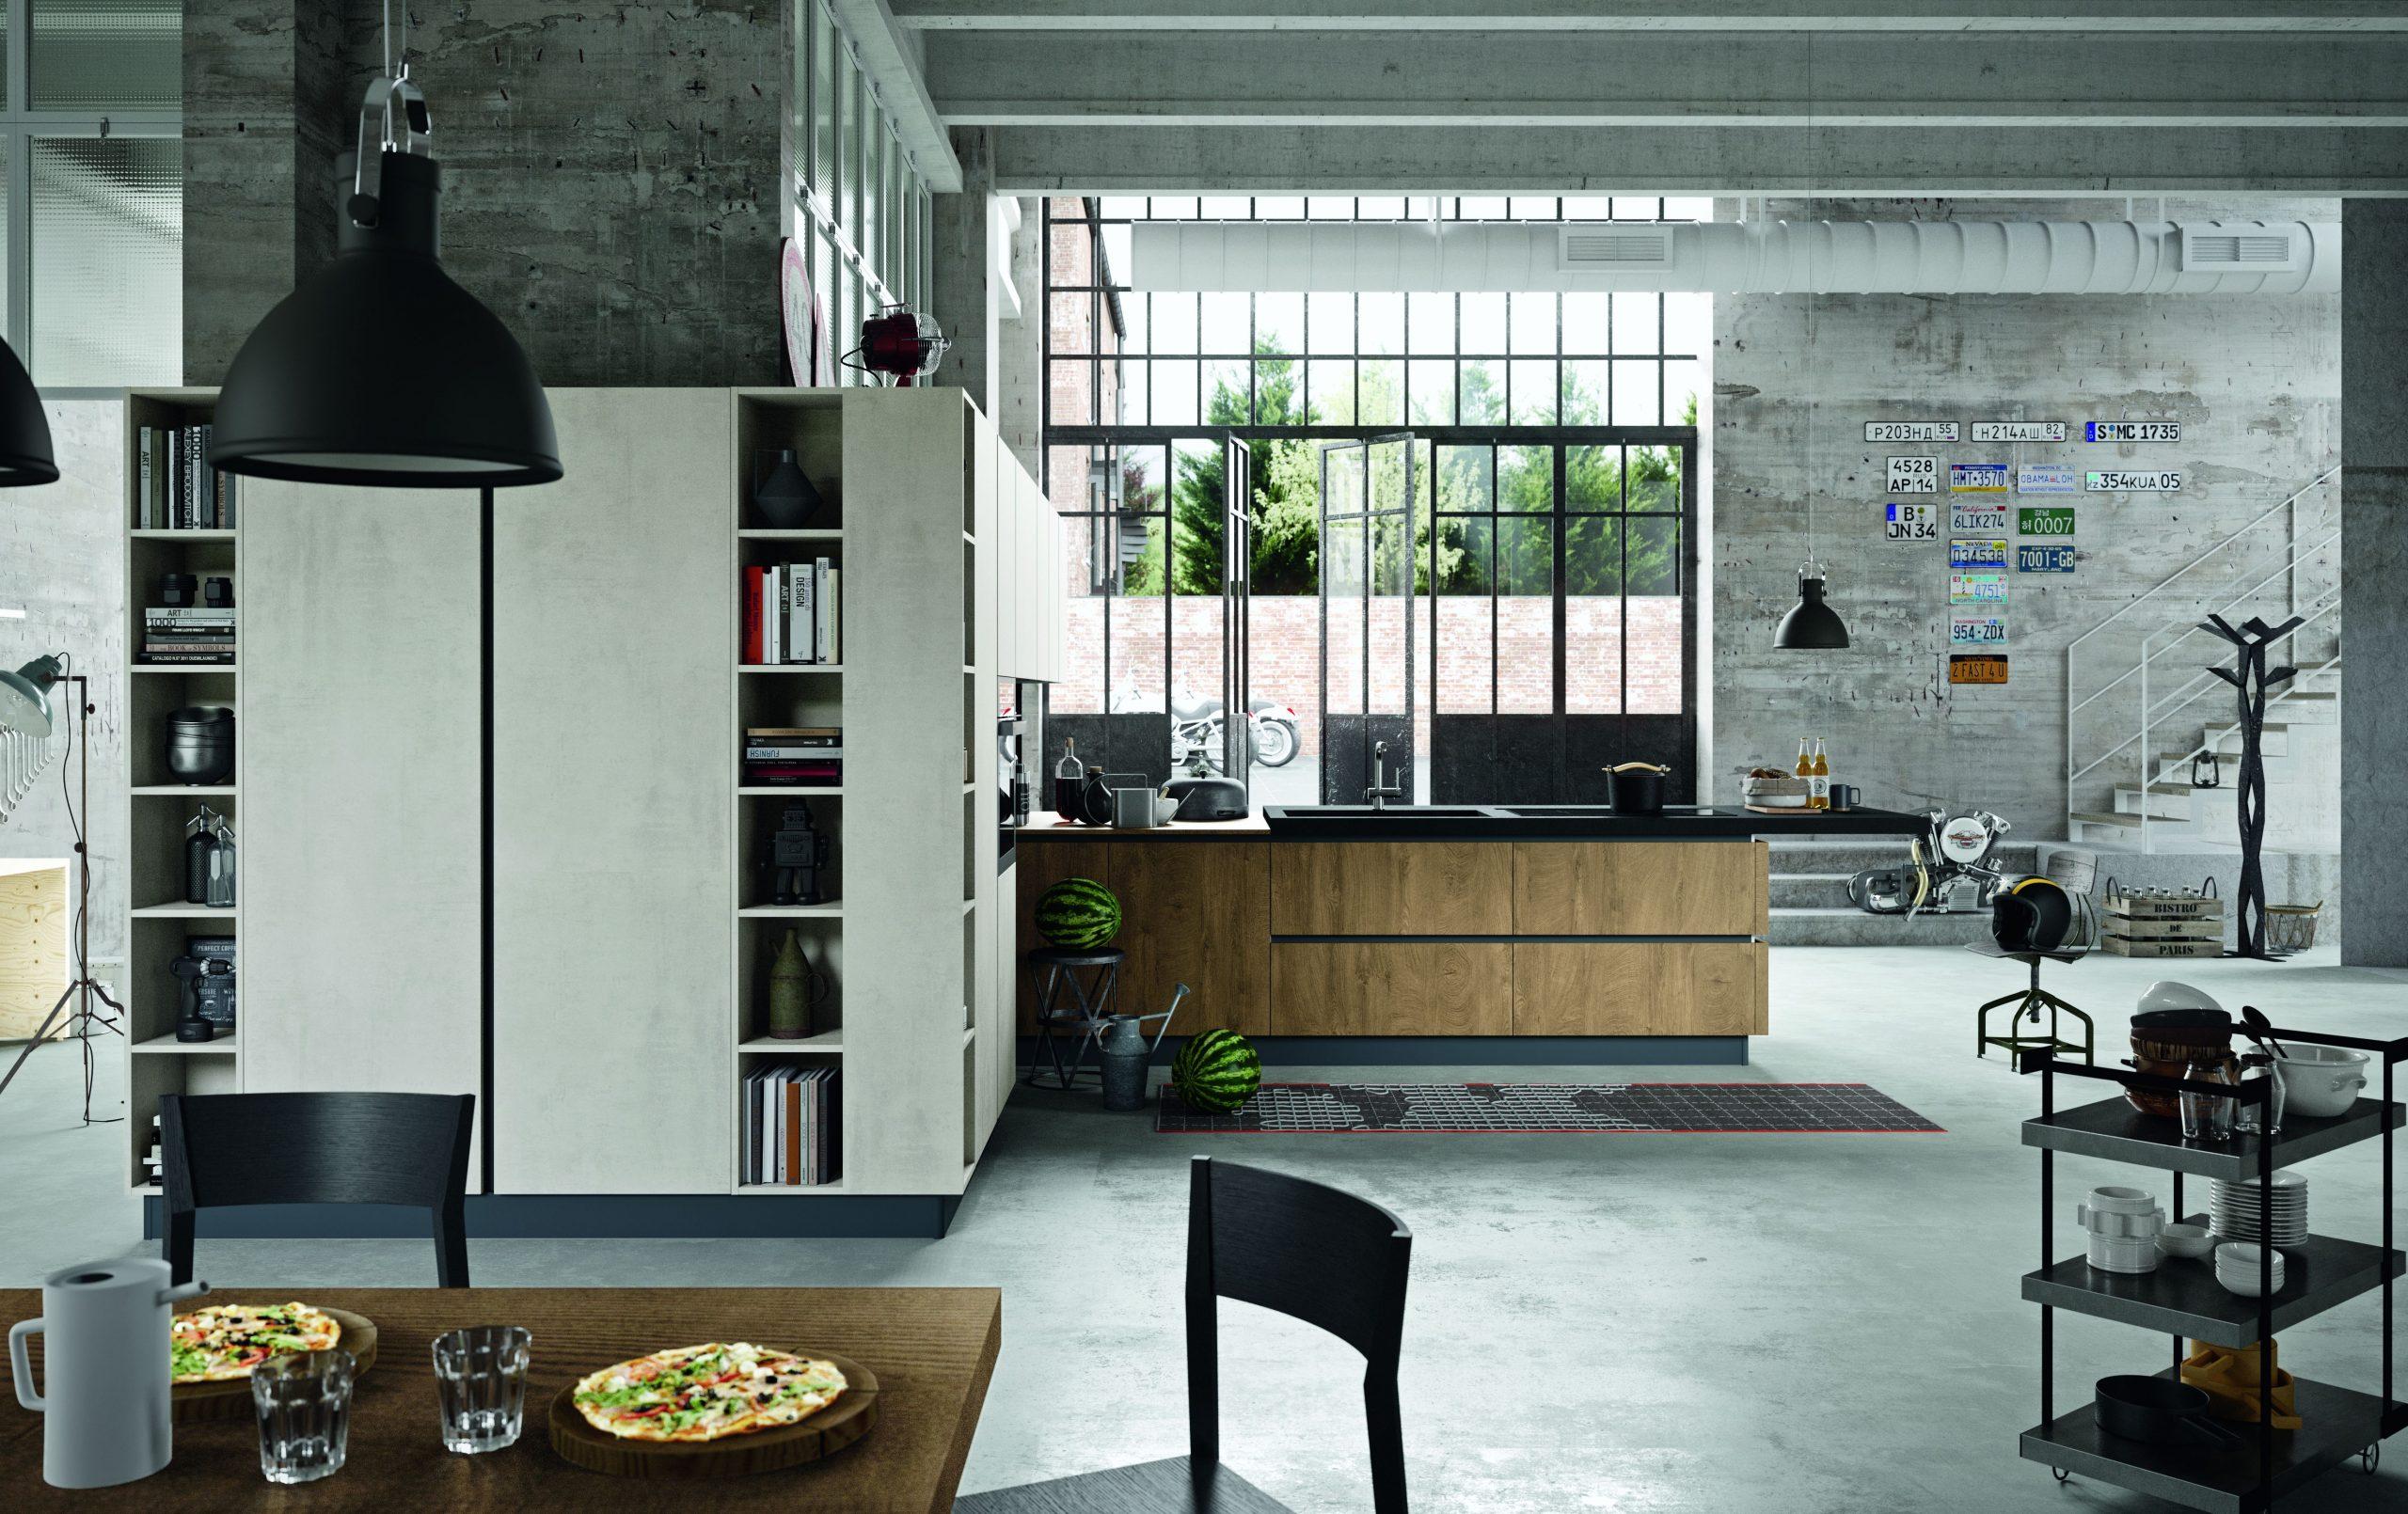 composizione cucina open space in perfetto stile industrial in un unico grande spazio vengono condivise tutte le funzione della zona giorno